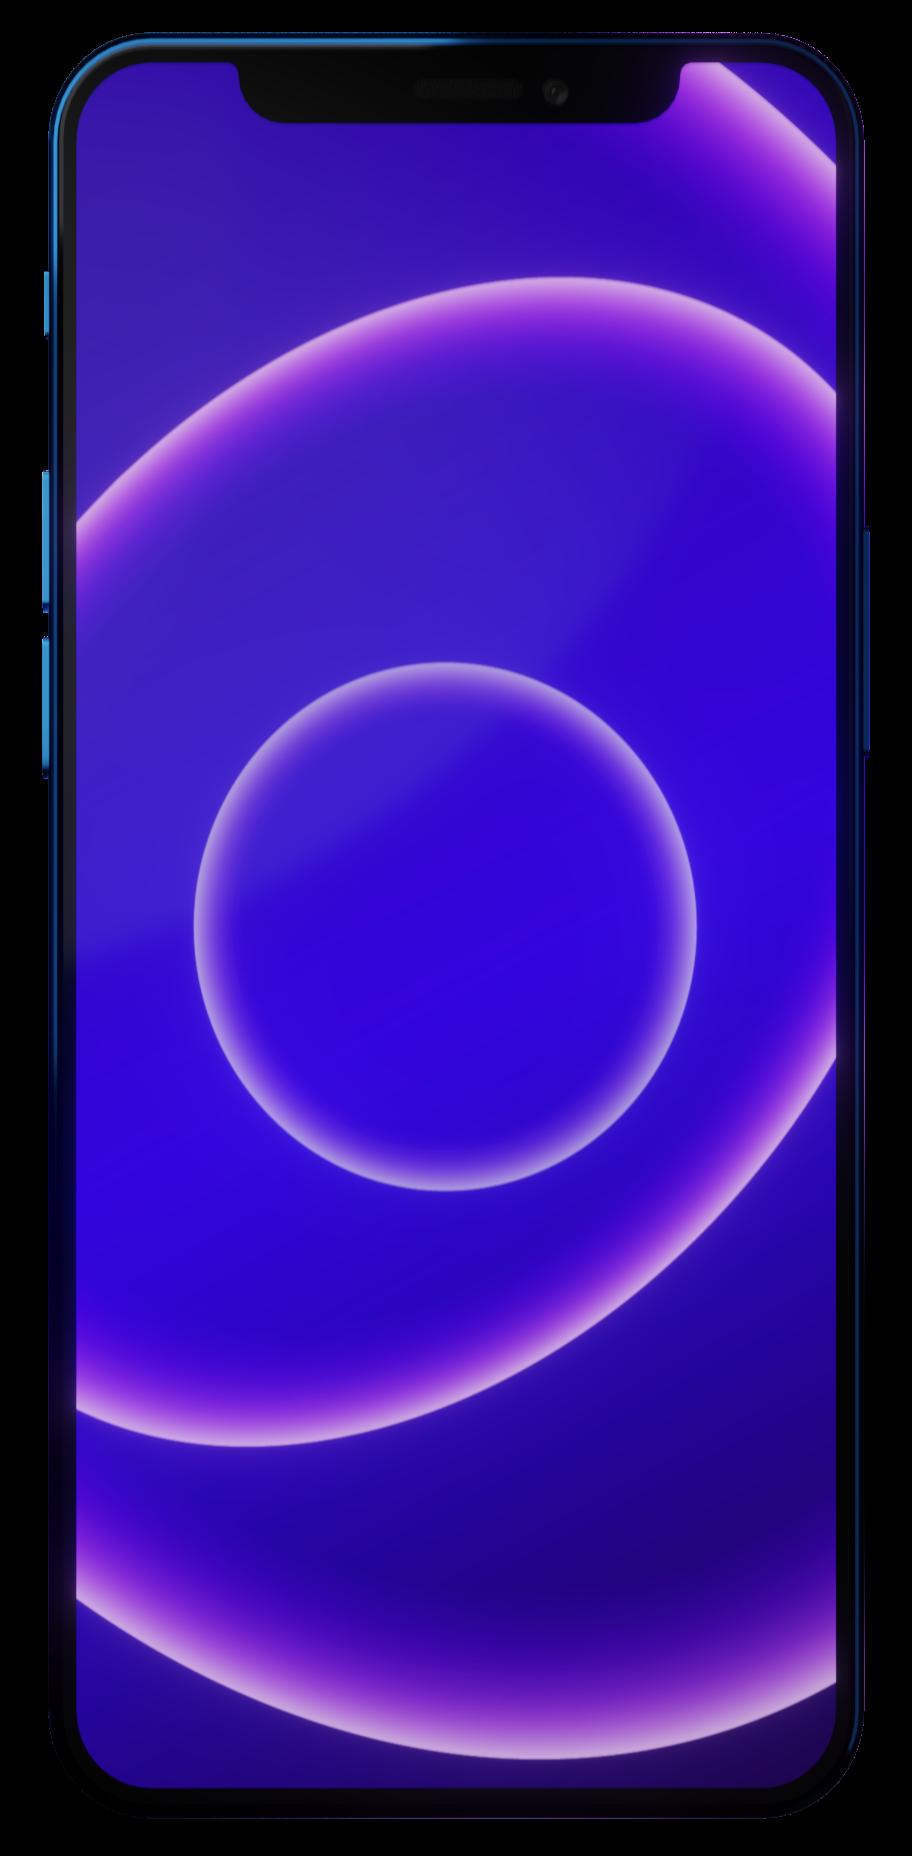 blue-iphone-12pro